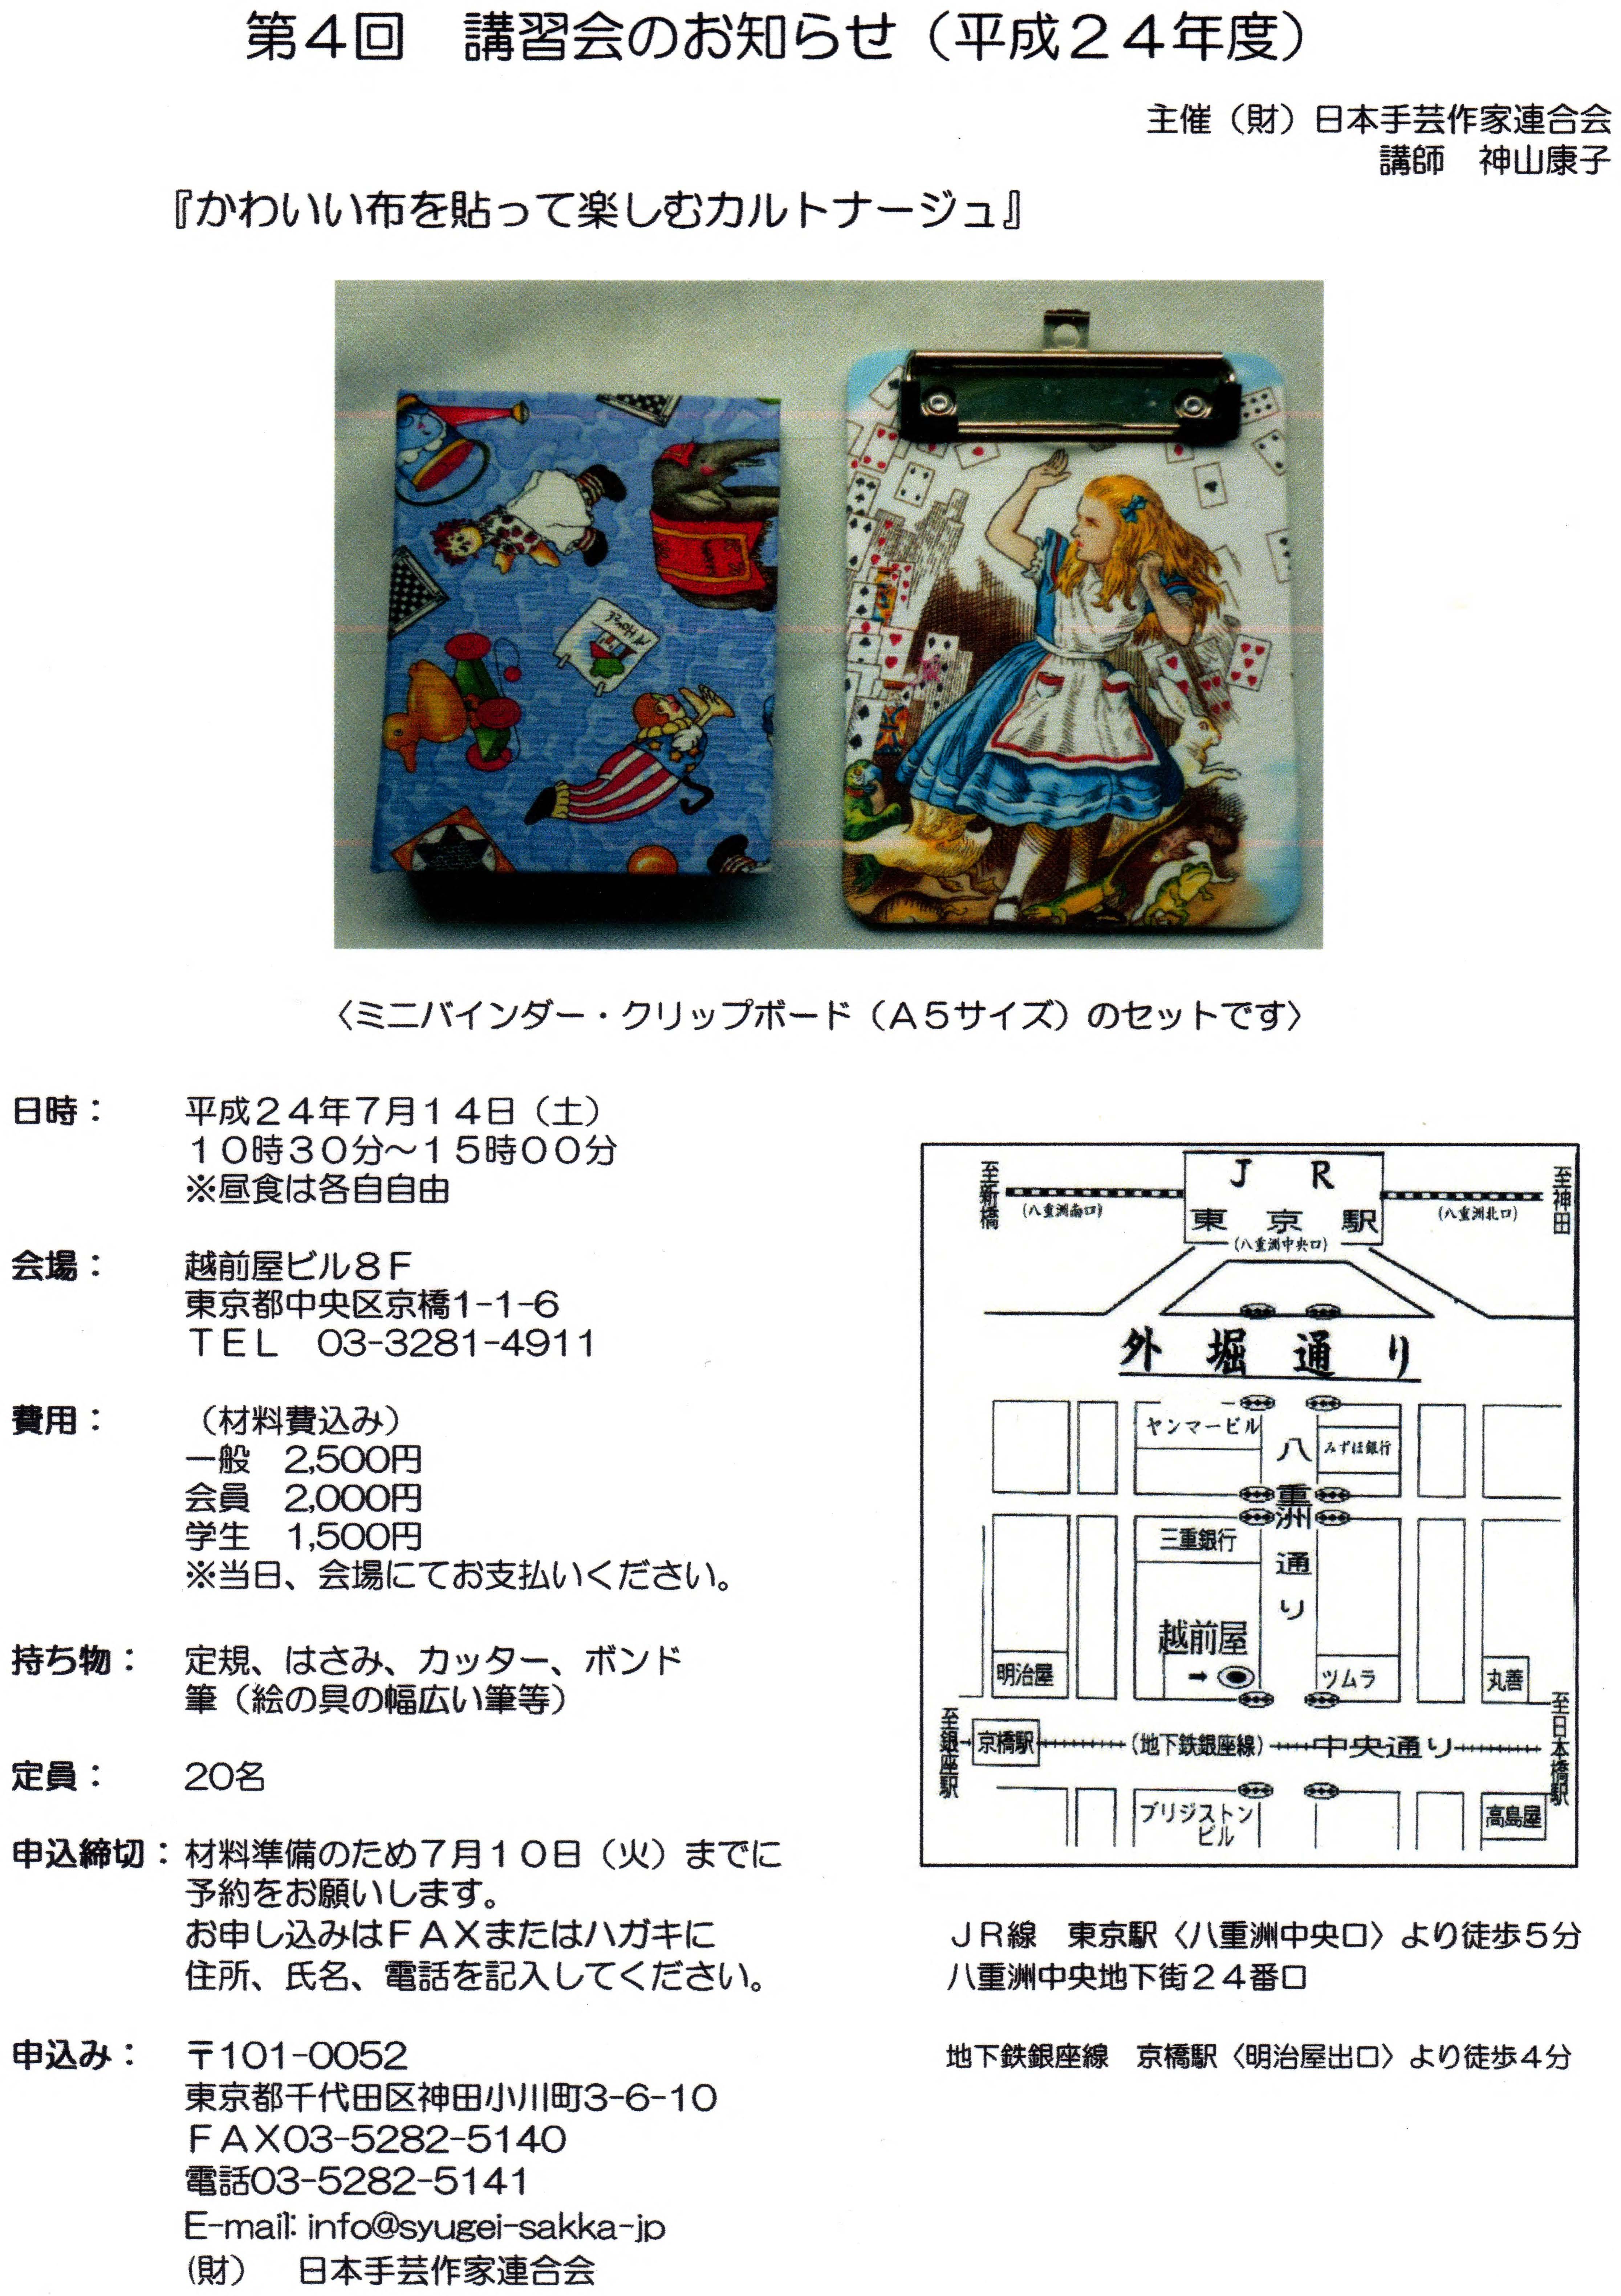 kousyukai-20120714